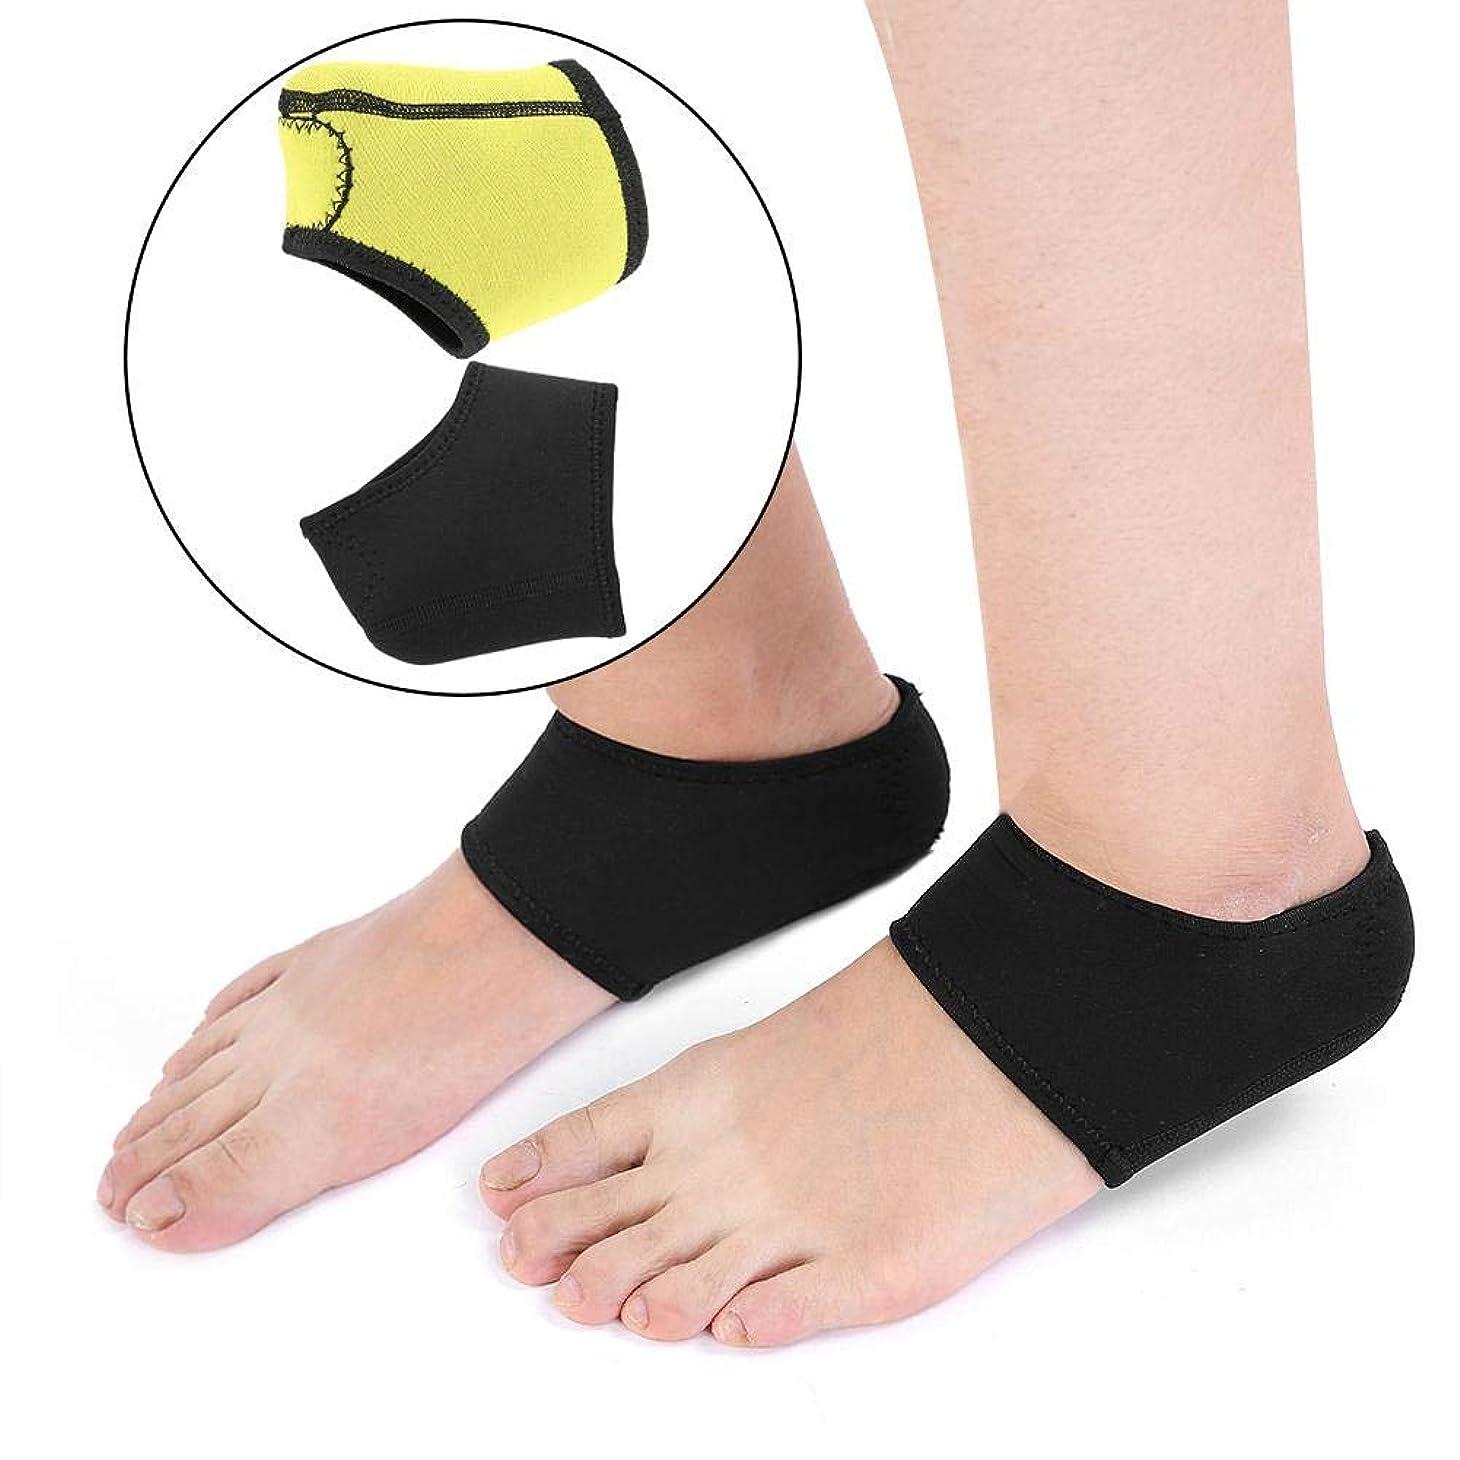 セメント花練る1ペア かかとカバー ソックス サポーター ヒール保護 足底筋膜炎足痛緩和スリーブラップ足首ケアサポートヒール保護靴下